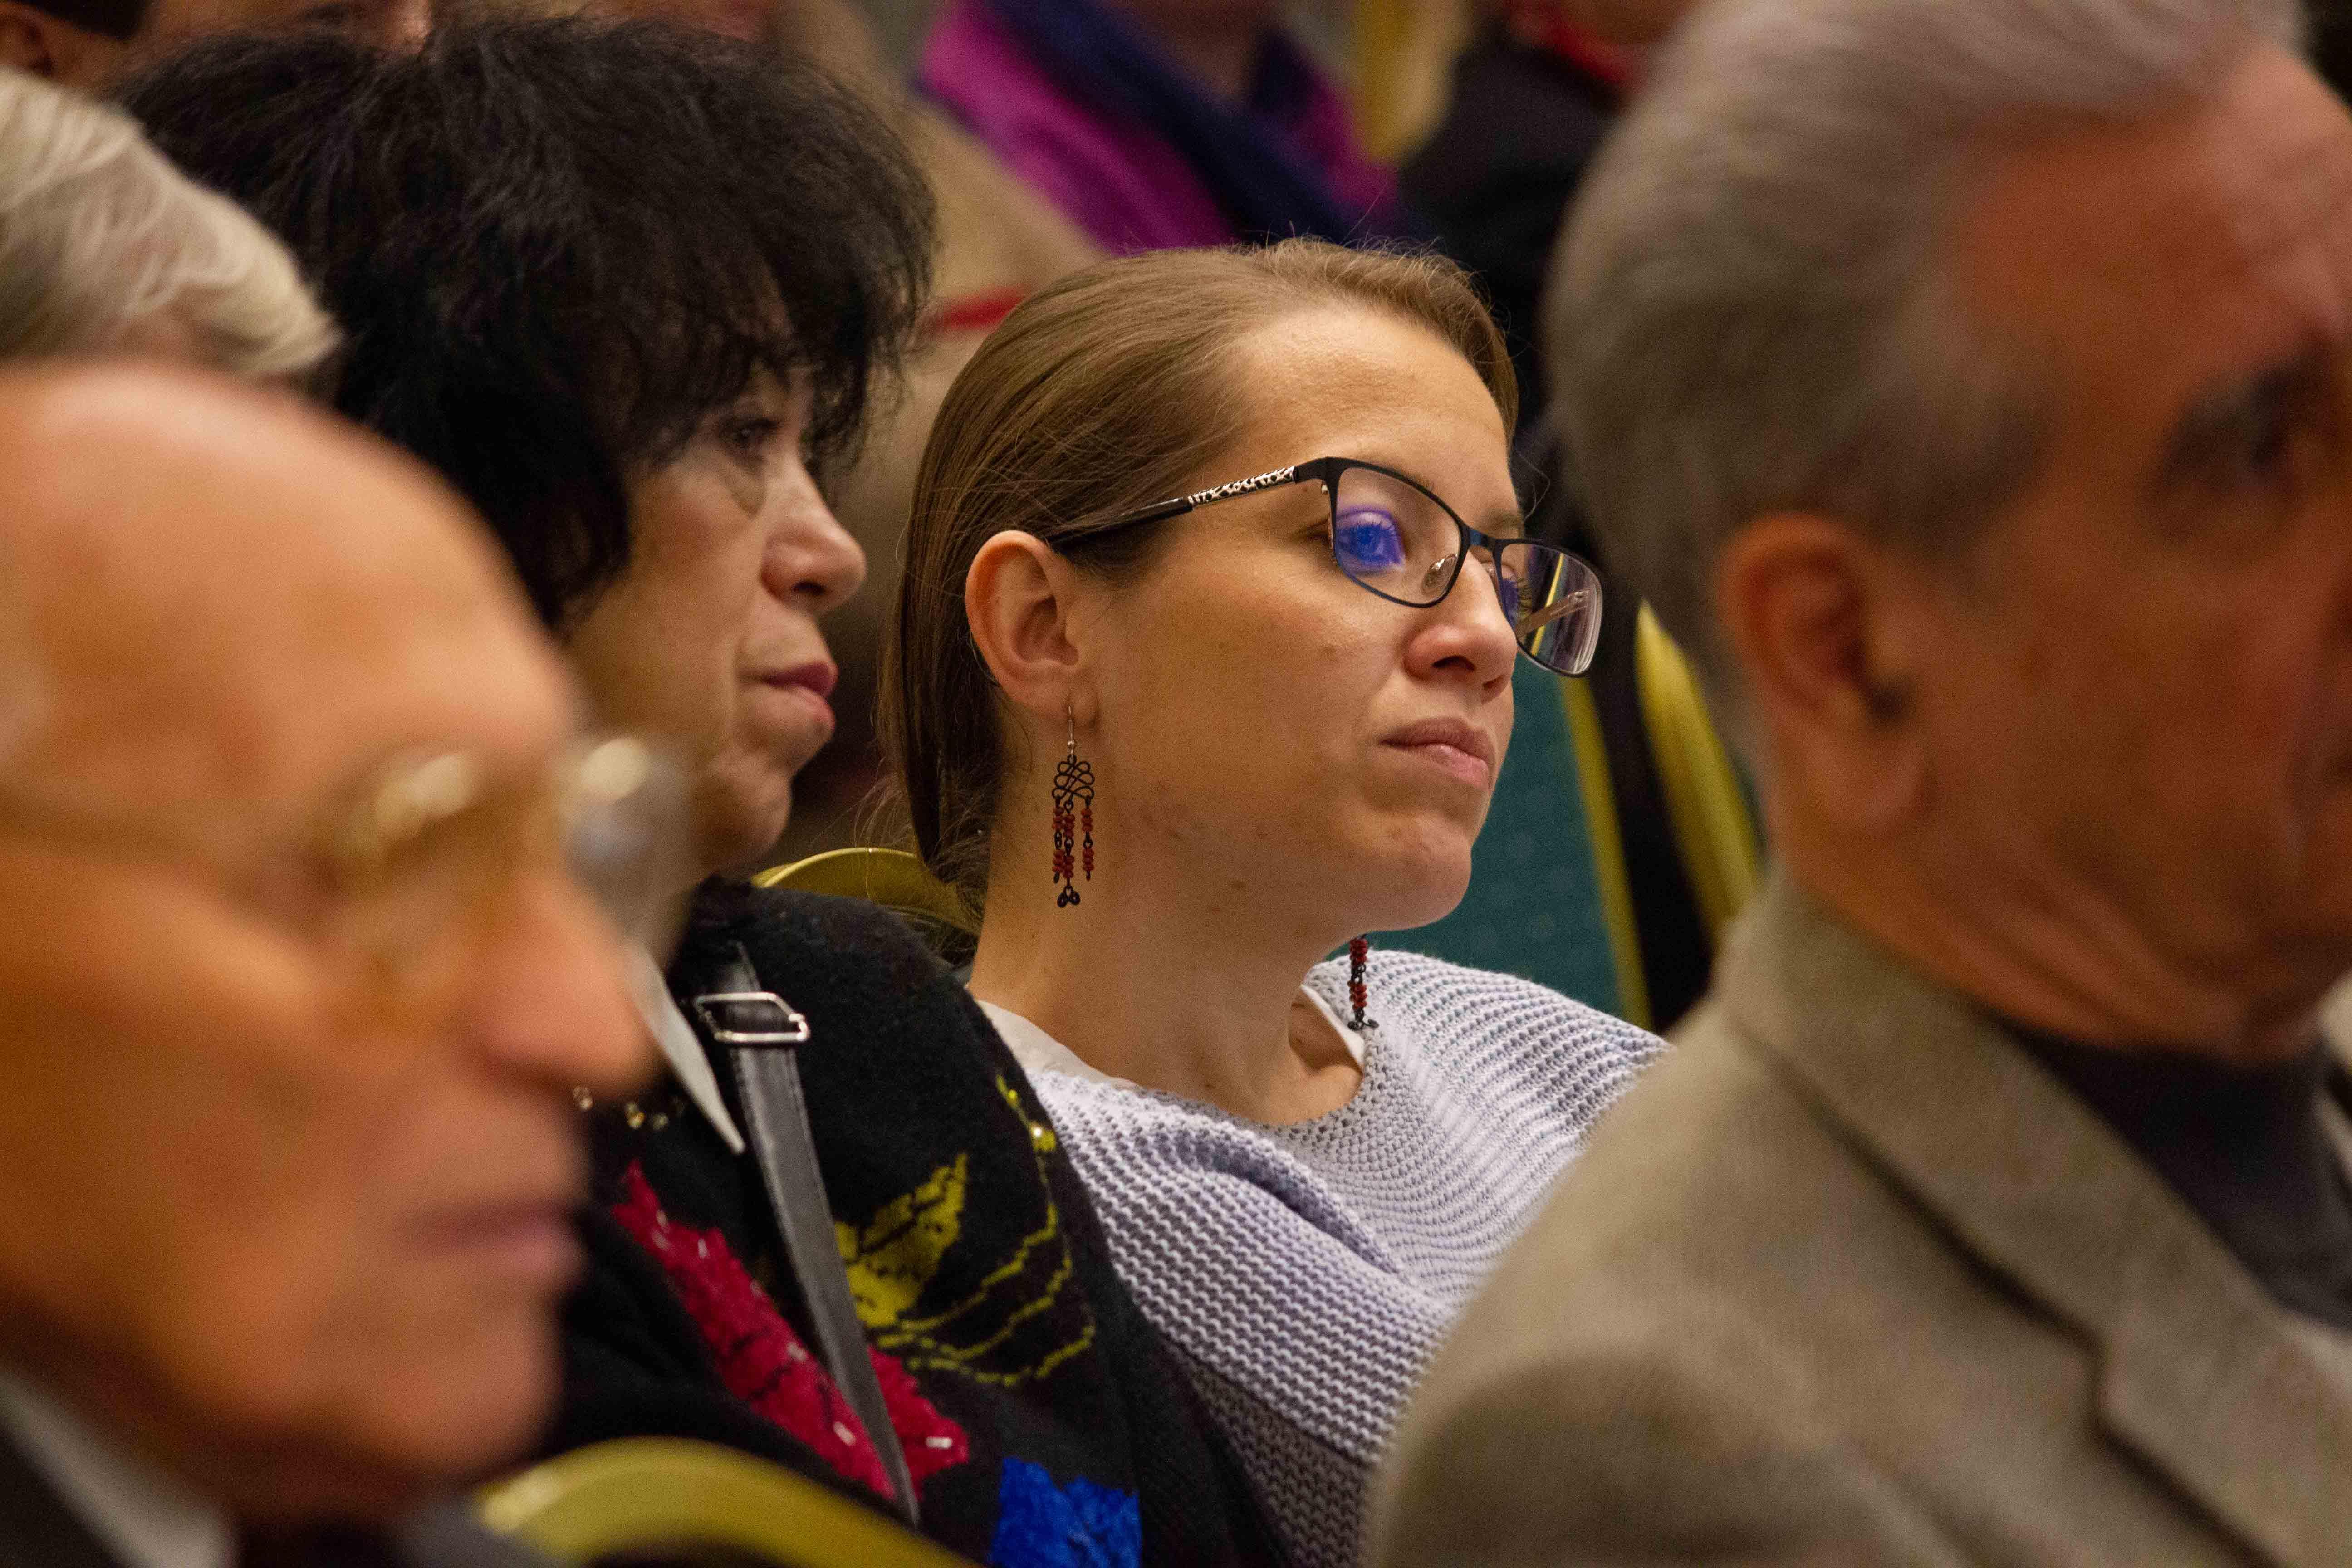 A közönség érdeklődve figyelt (Fotó: Terjéki Tamás és Muszka Ágnes)